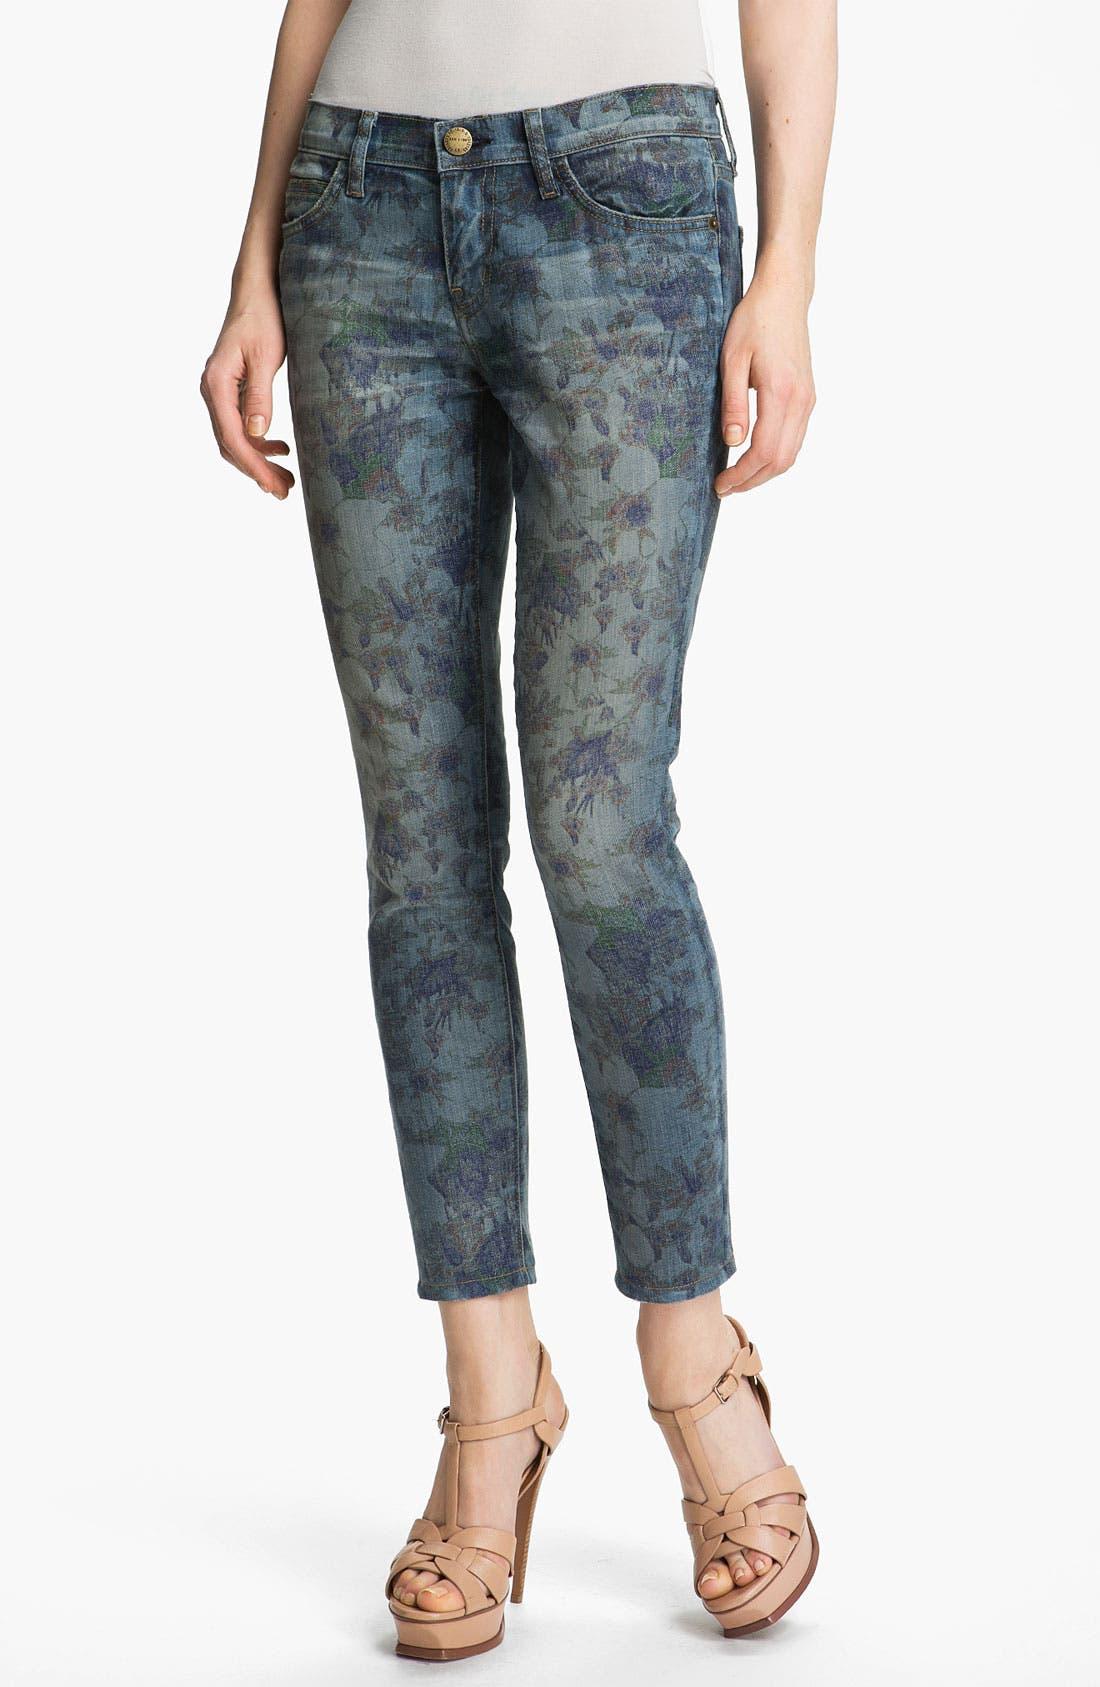 Main Image - Current/Elliott 'The Stiletto' Burnout Floral Print Stretch Jeans